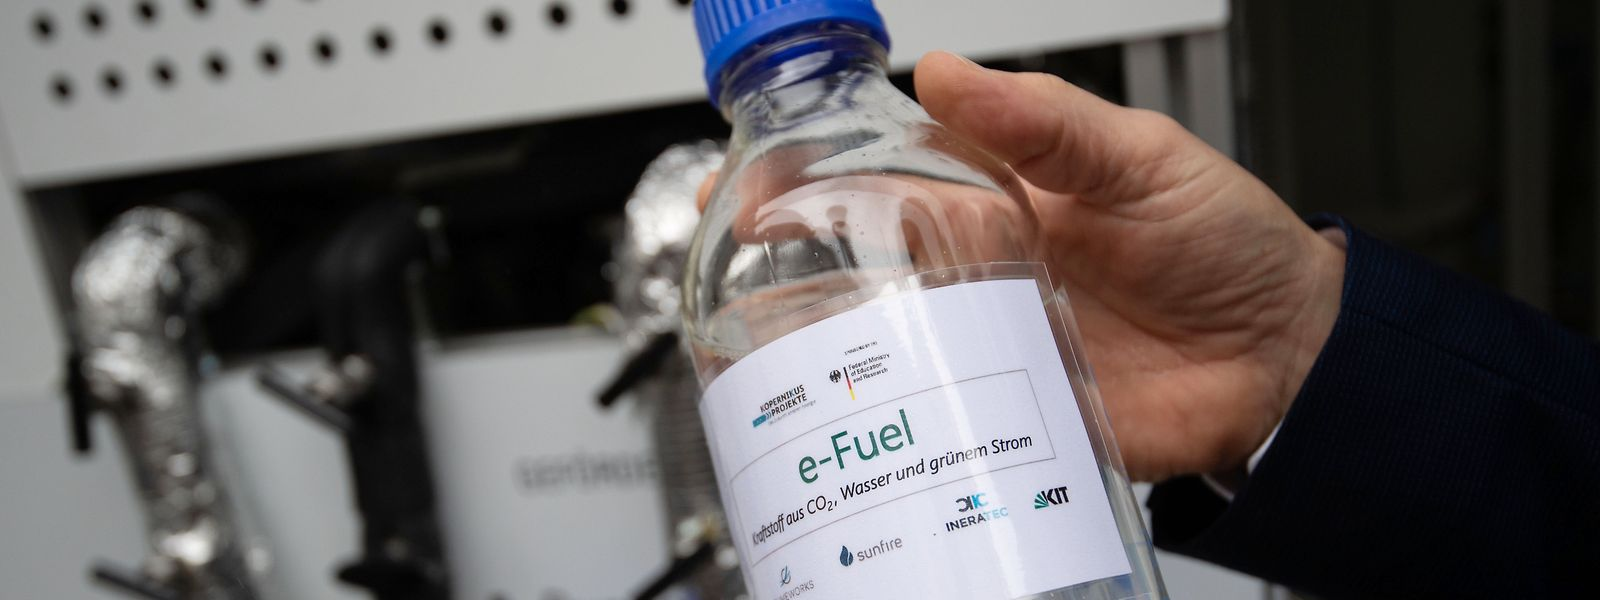 Der E-Fuel wird aus Luft und Ökostrom hergestellt.